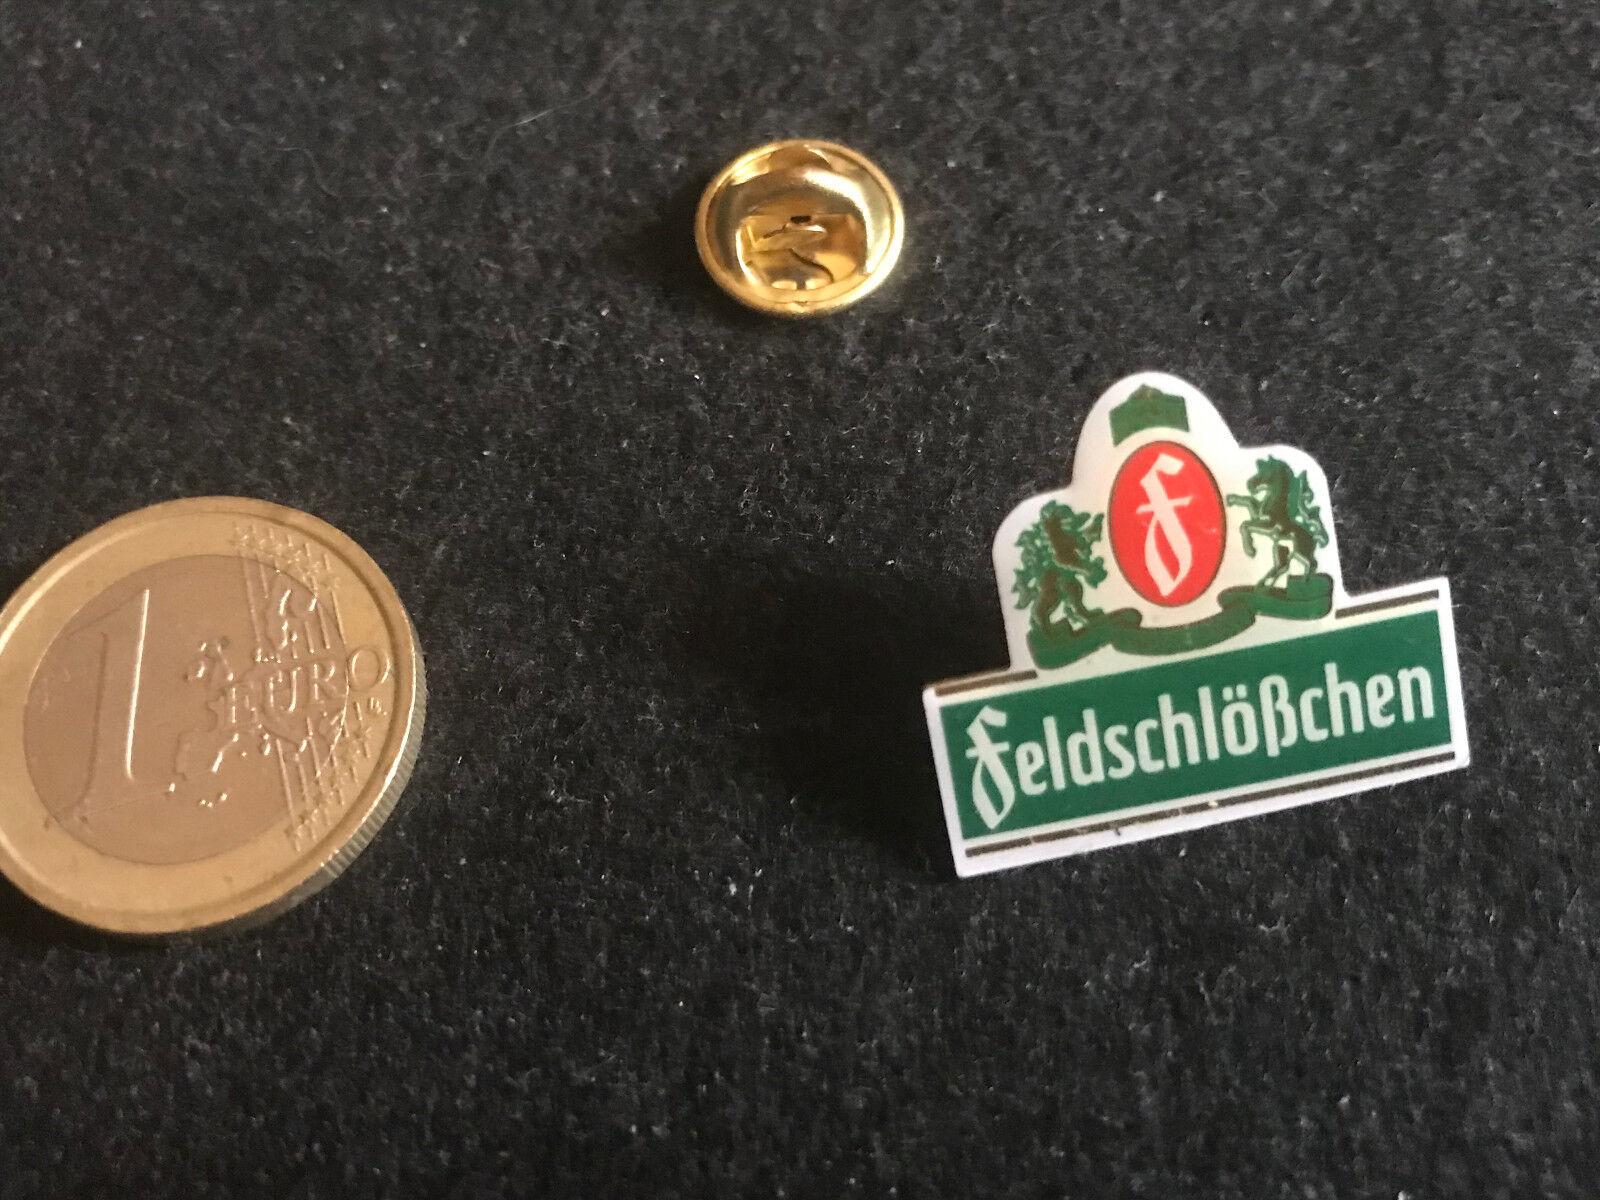 Bier Beer Pin Badge Feldschlößchen Wappen Logo V2